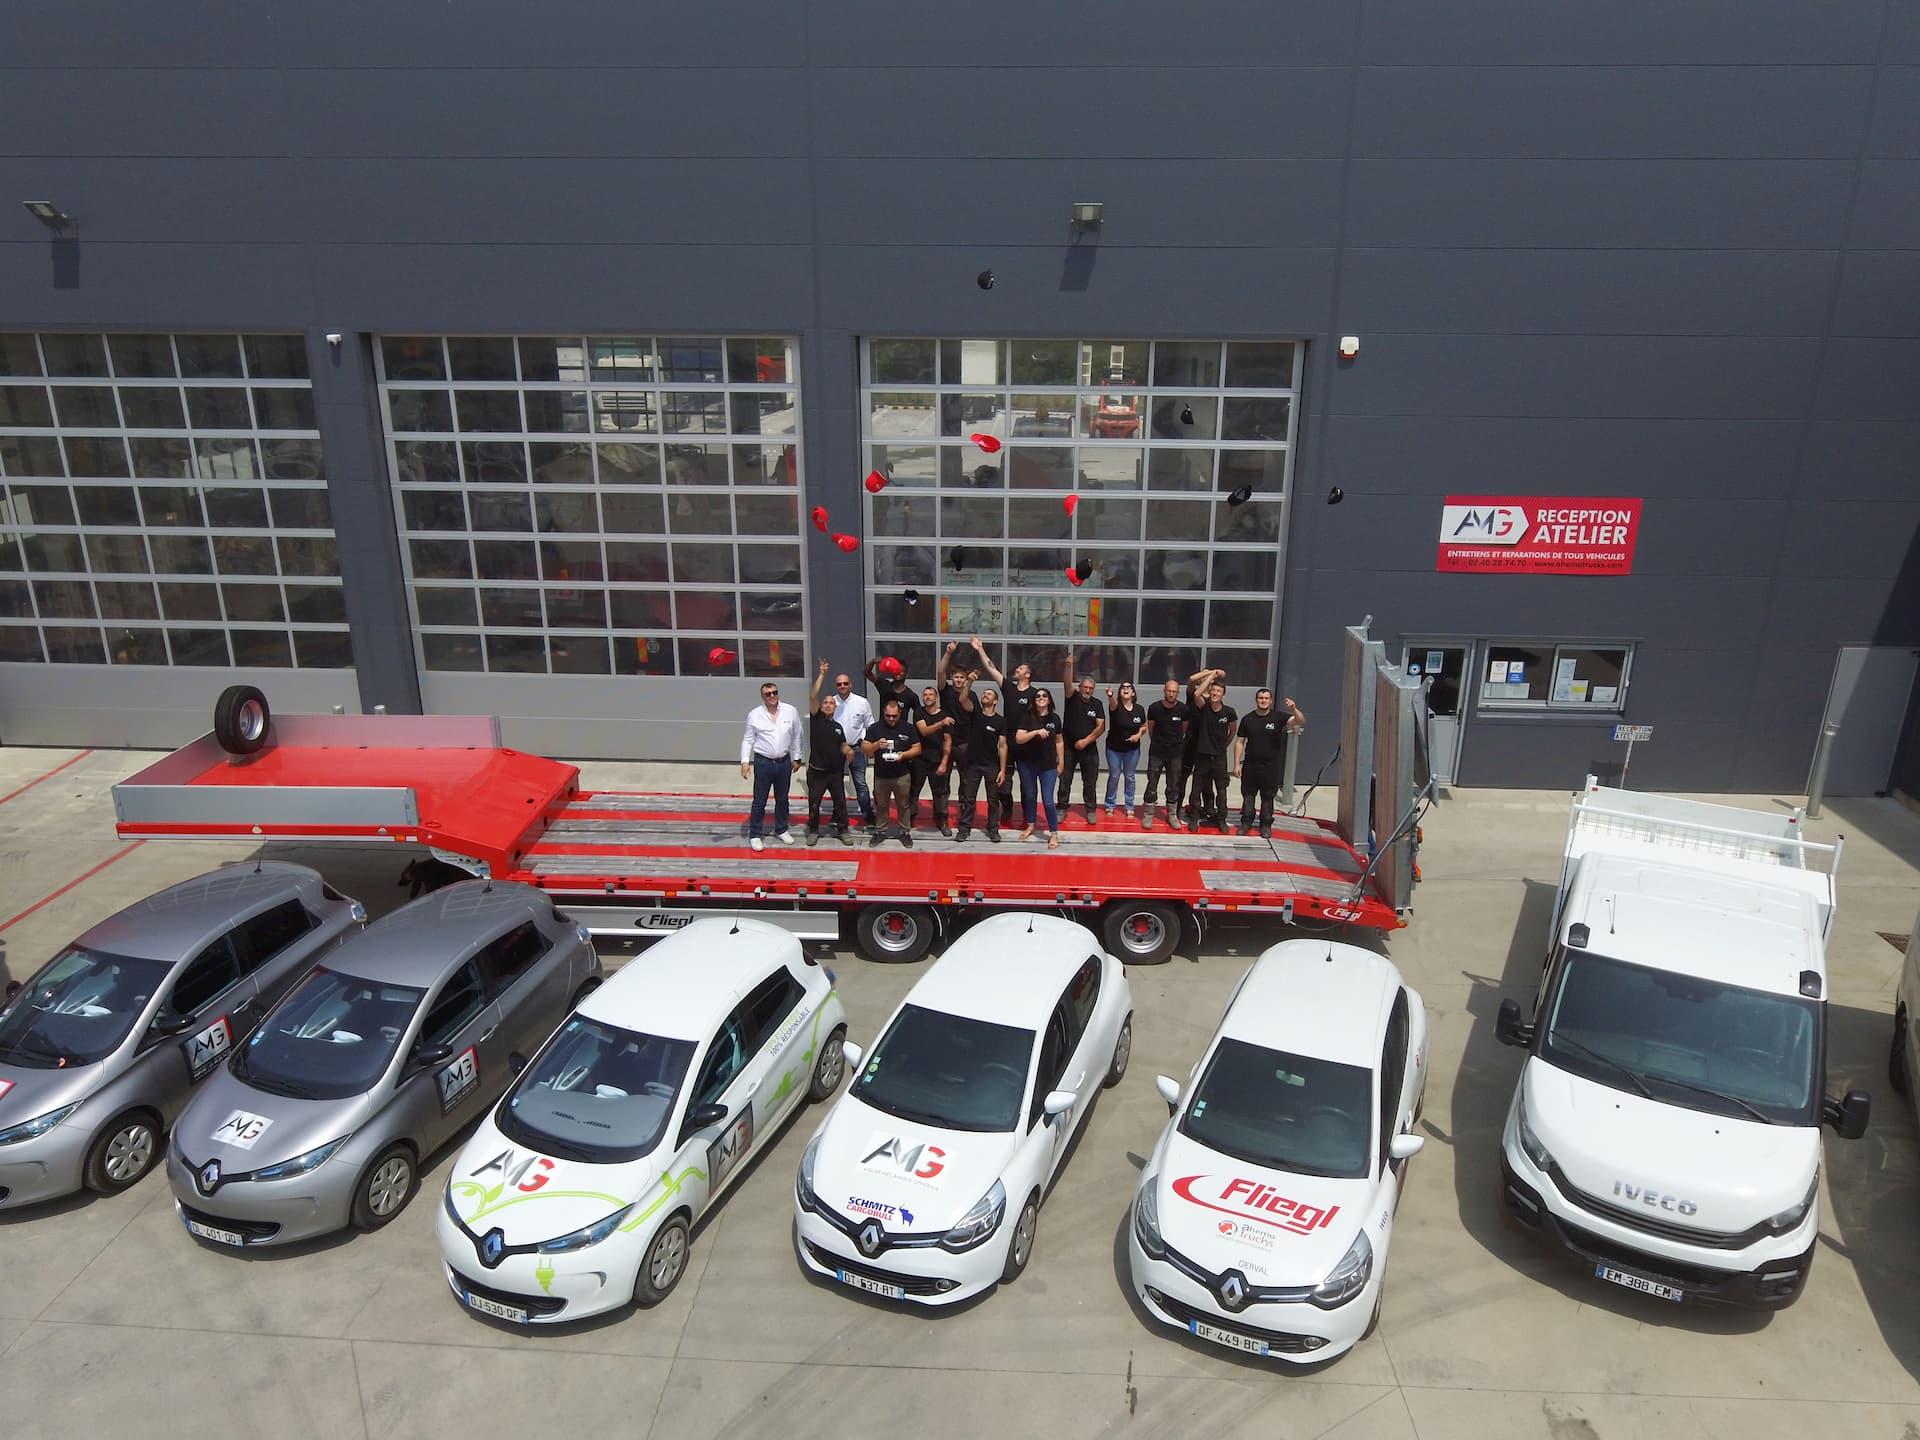 Vue aérienne des locaux extérieur Ahema Trucks avec photo de l'équipe